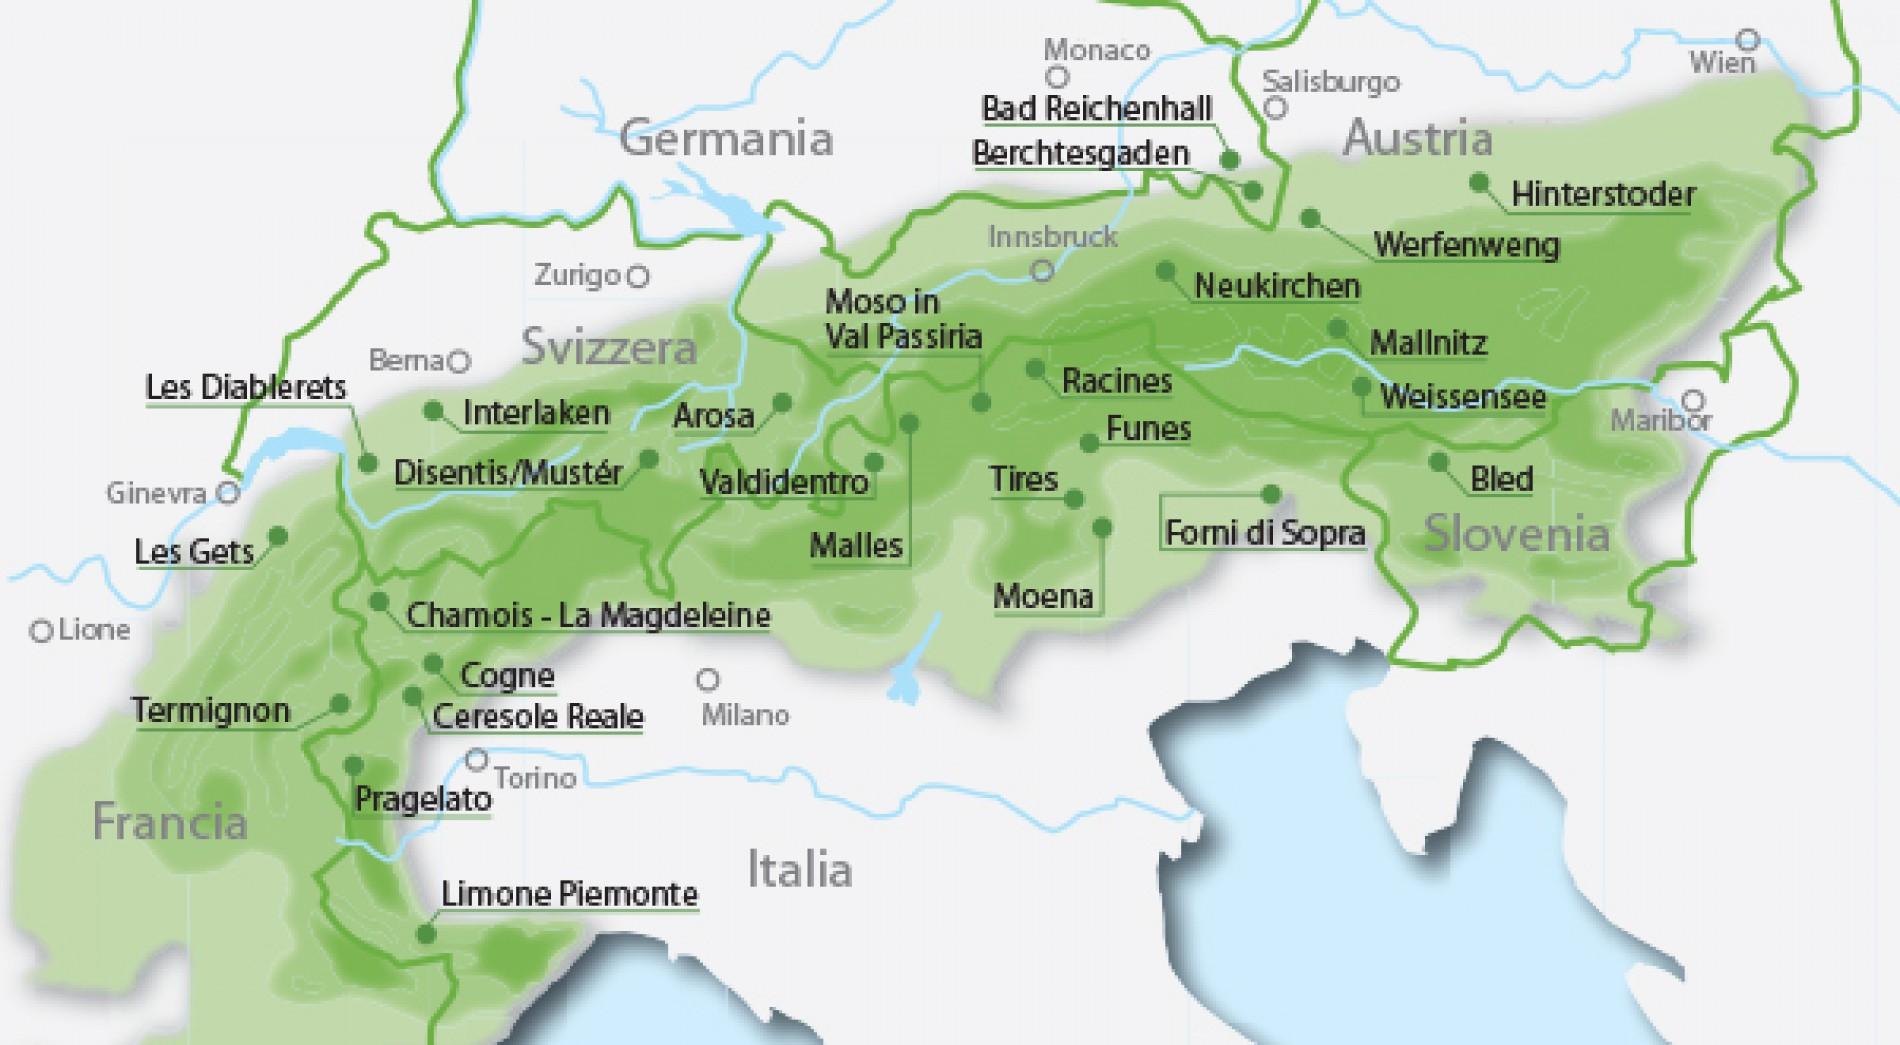 Mappa delle Perle Alpine, o Alpine Pearls, tra cui anche Moso in Val Passiria